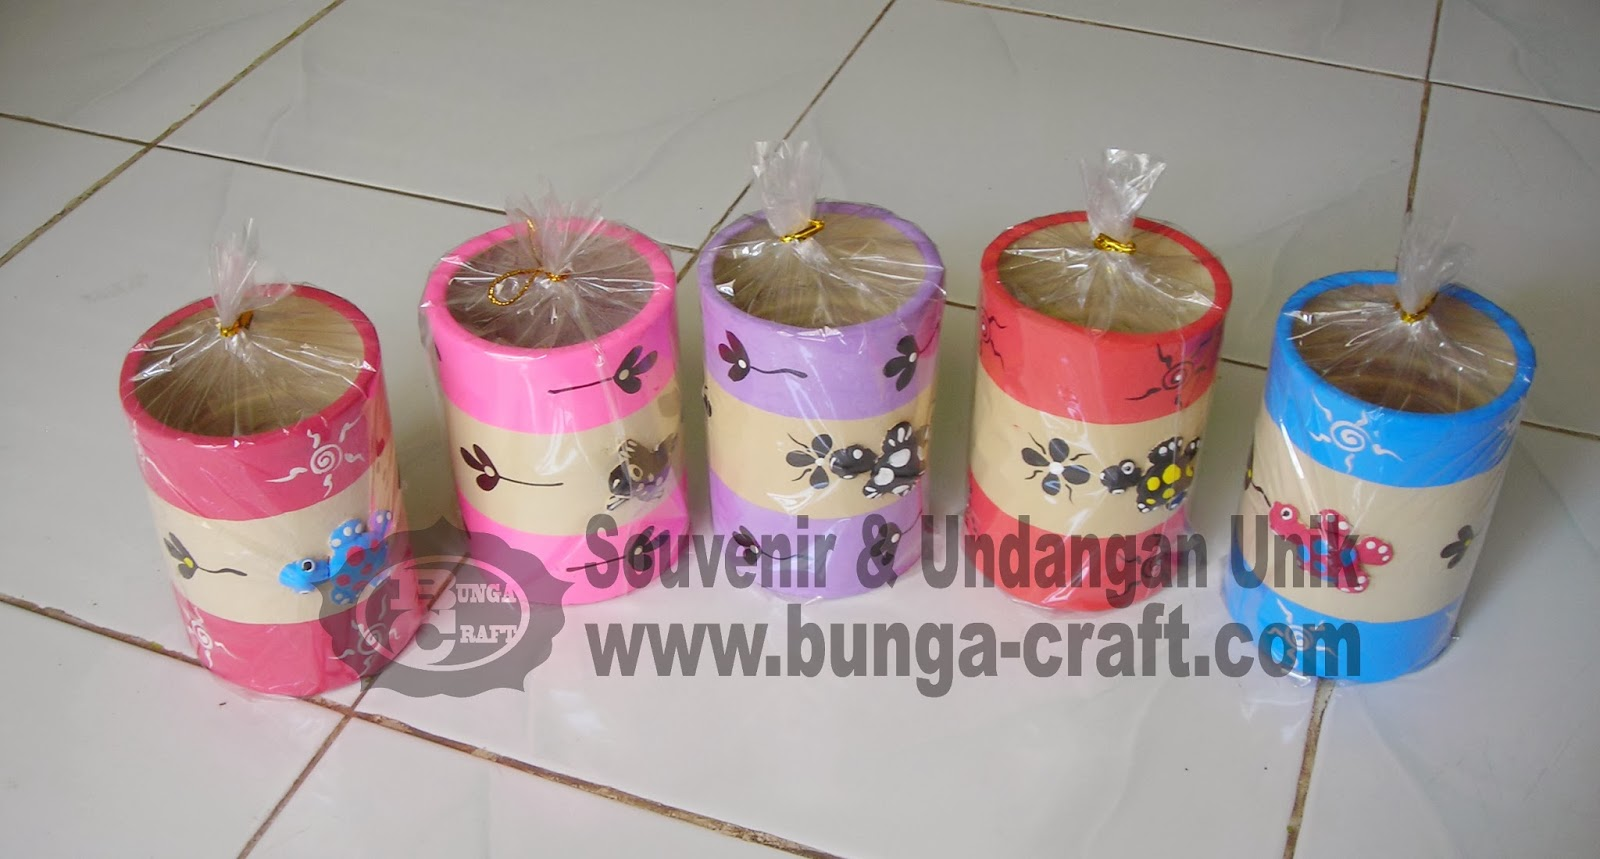 http://www.bunga-craft.com/2012/03/souvenir-gelas-warna.html